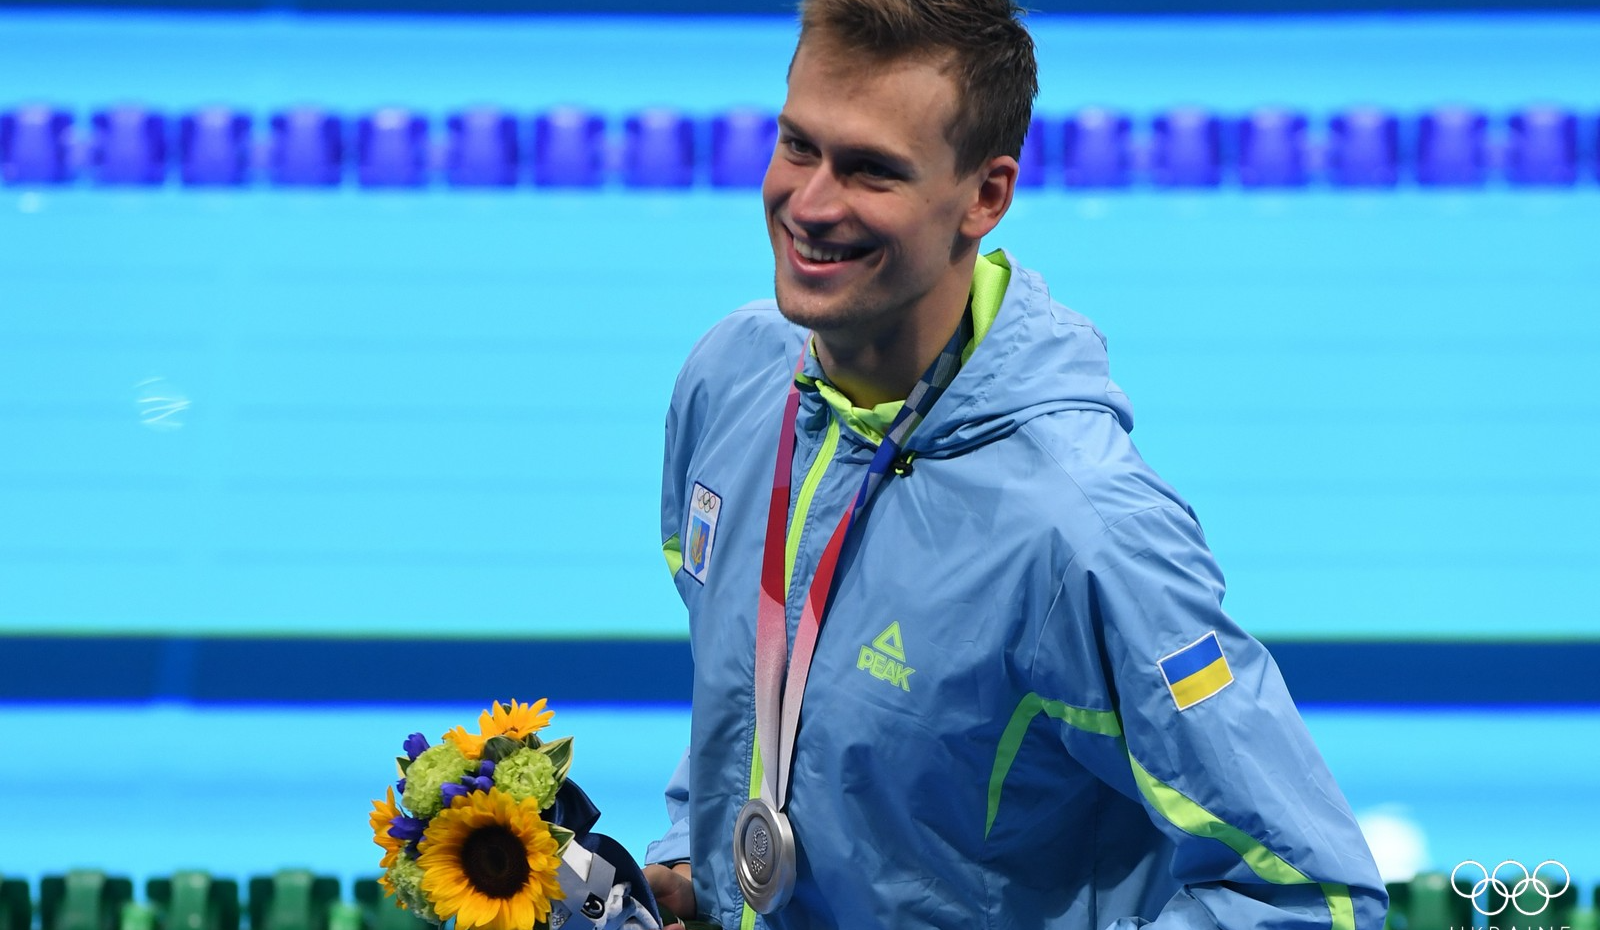 Олимпиада-2020: пловец Романчук стал серебряным призером в Токио